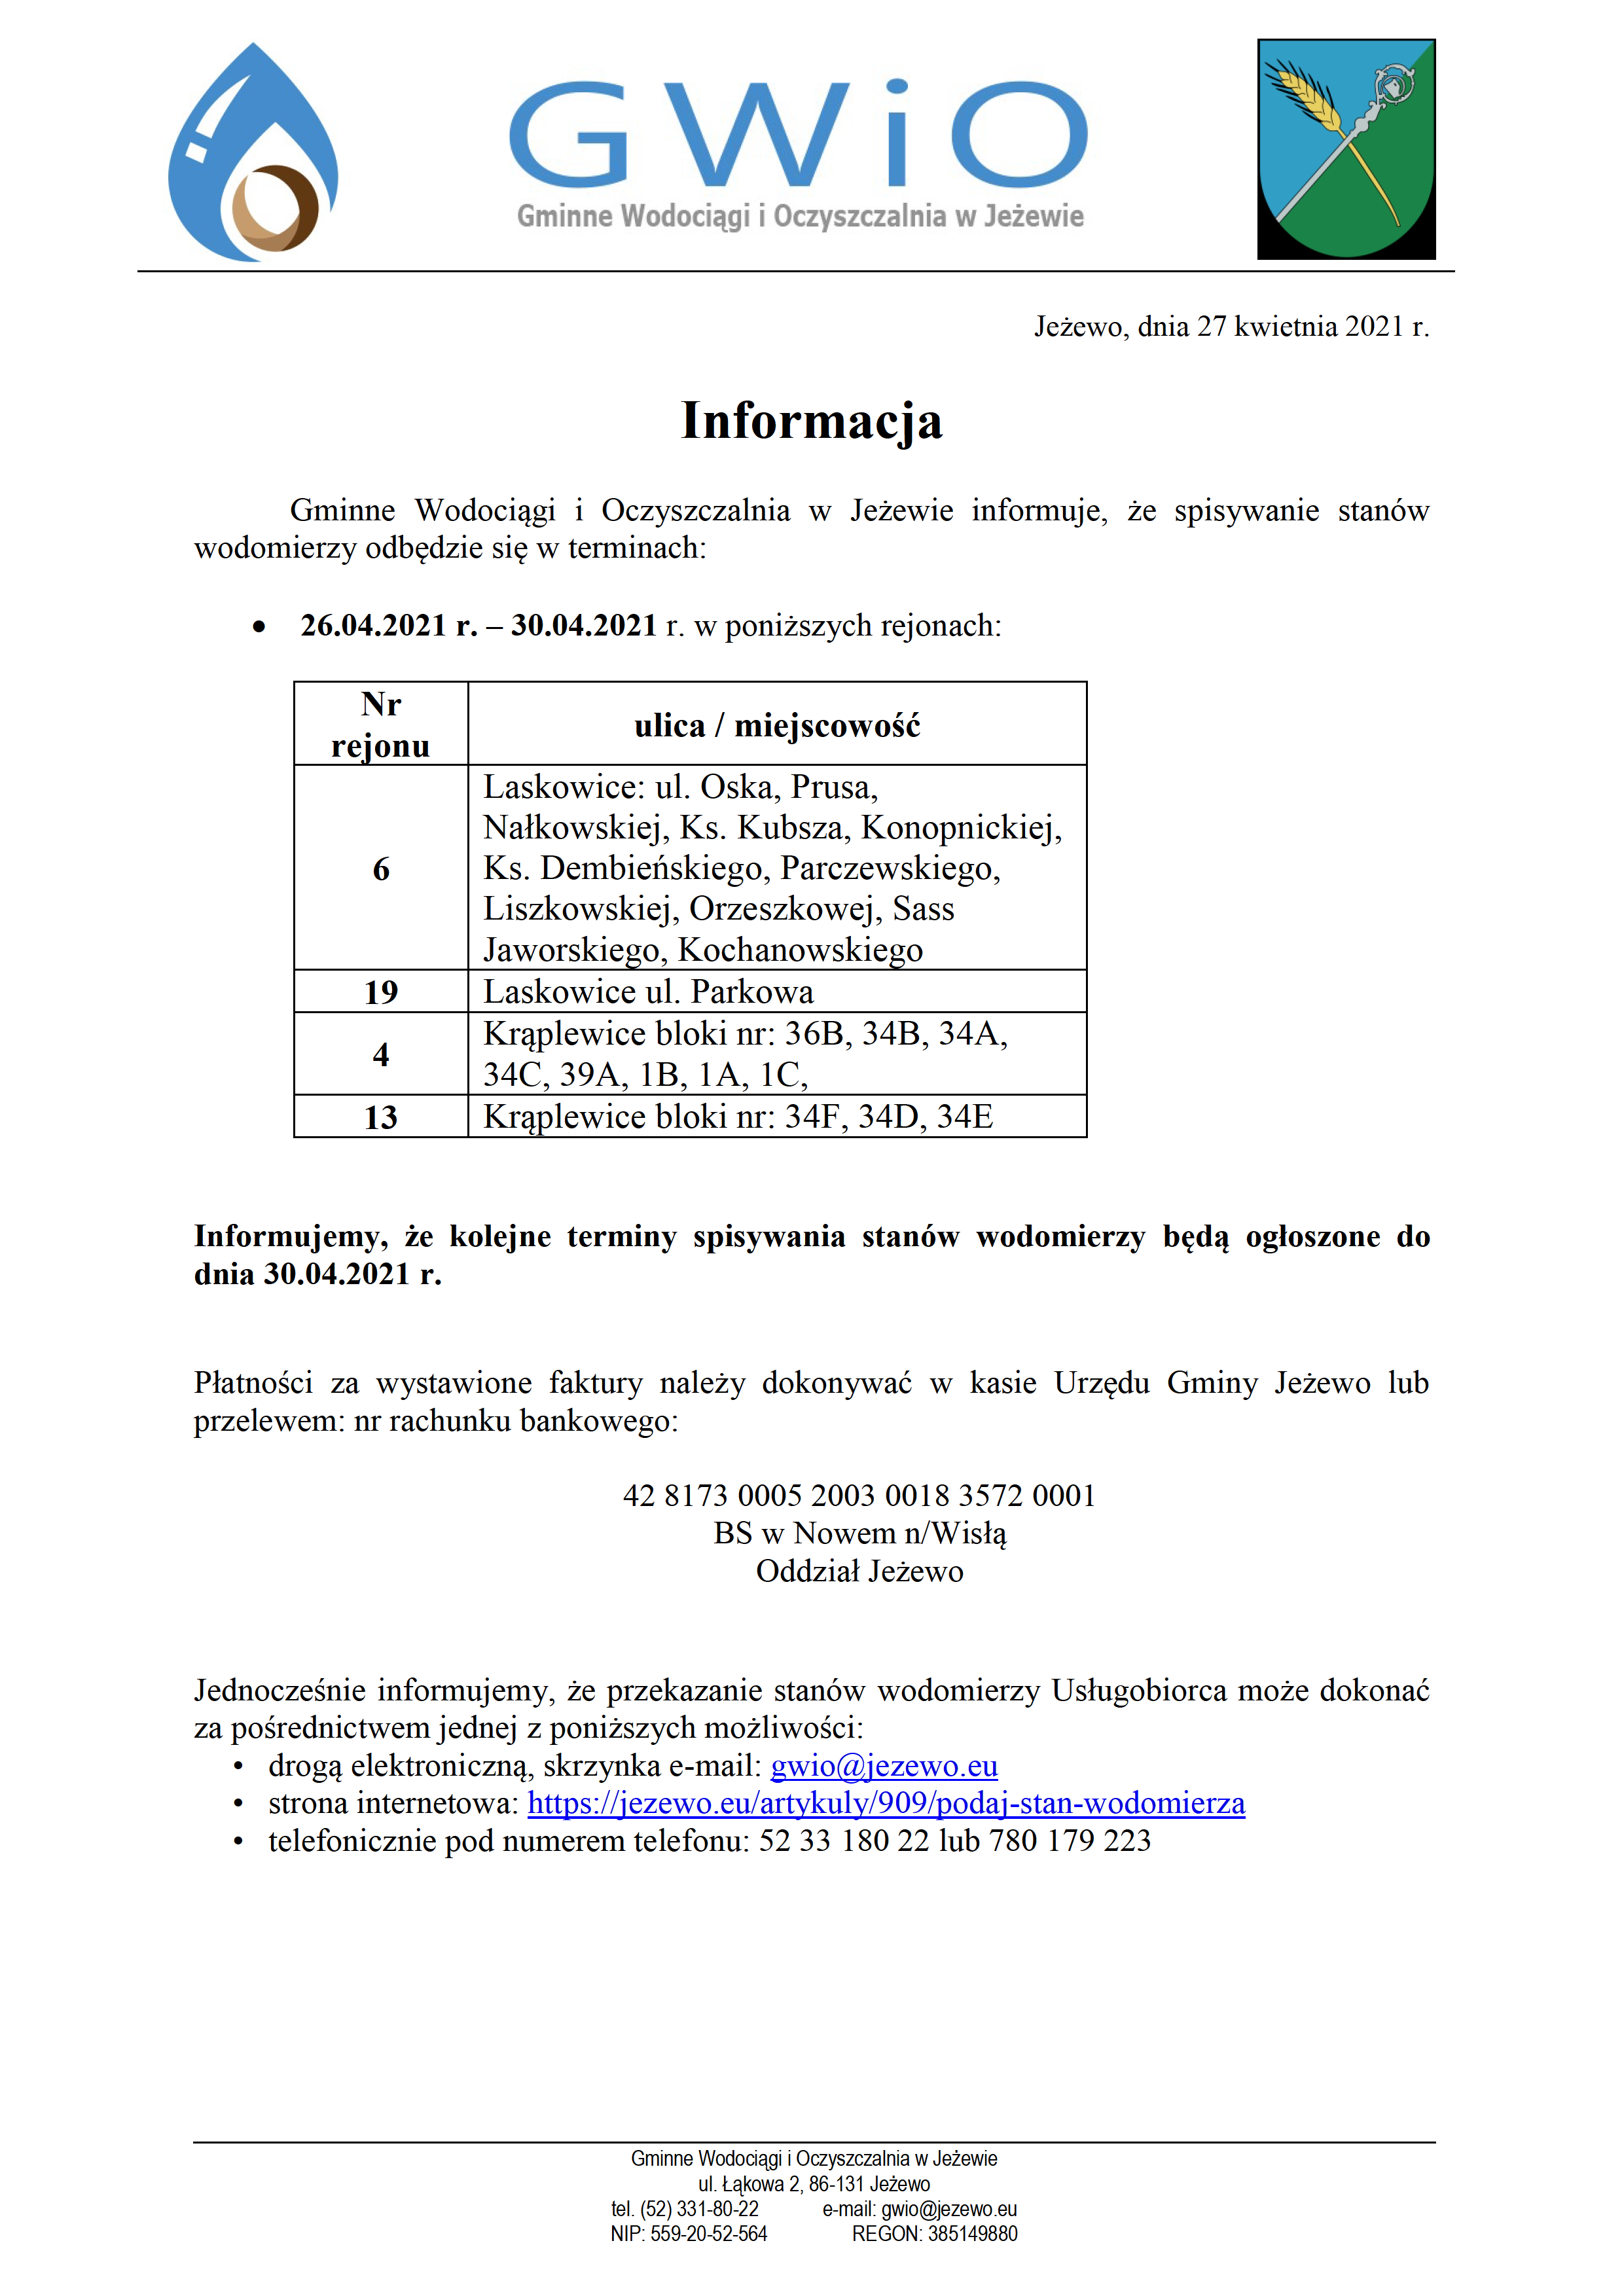 Terminy spisywania wodomierzy 27.04.2021